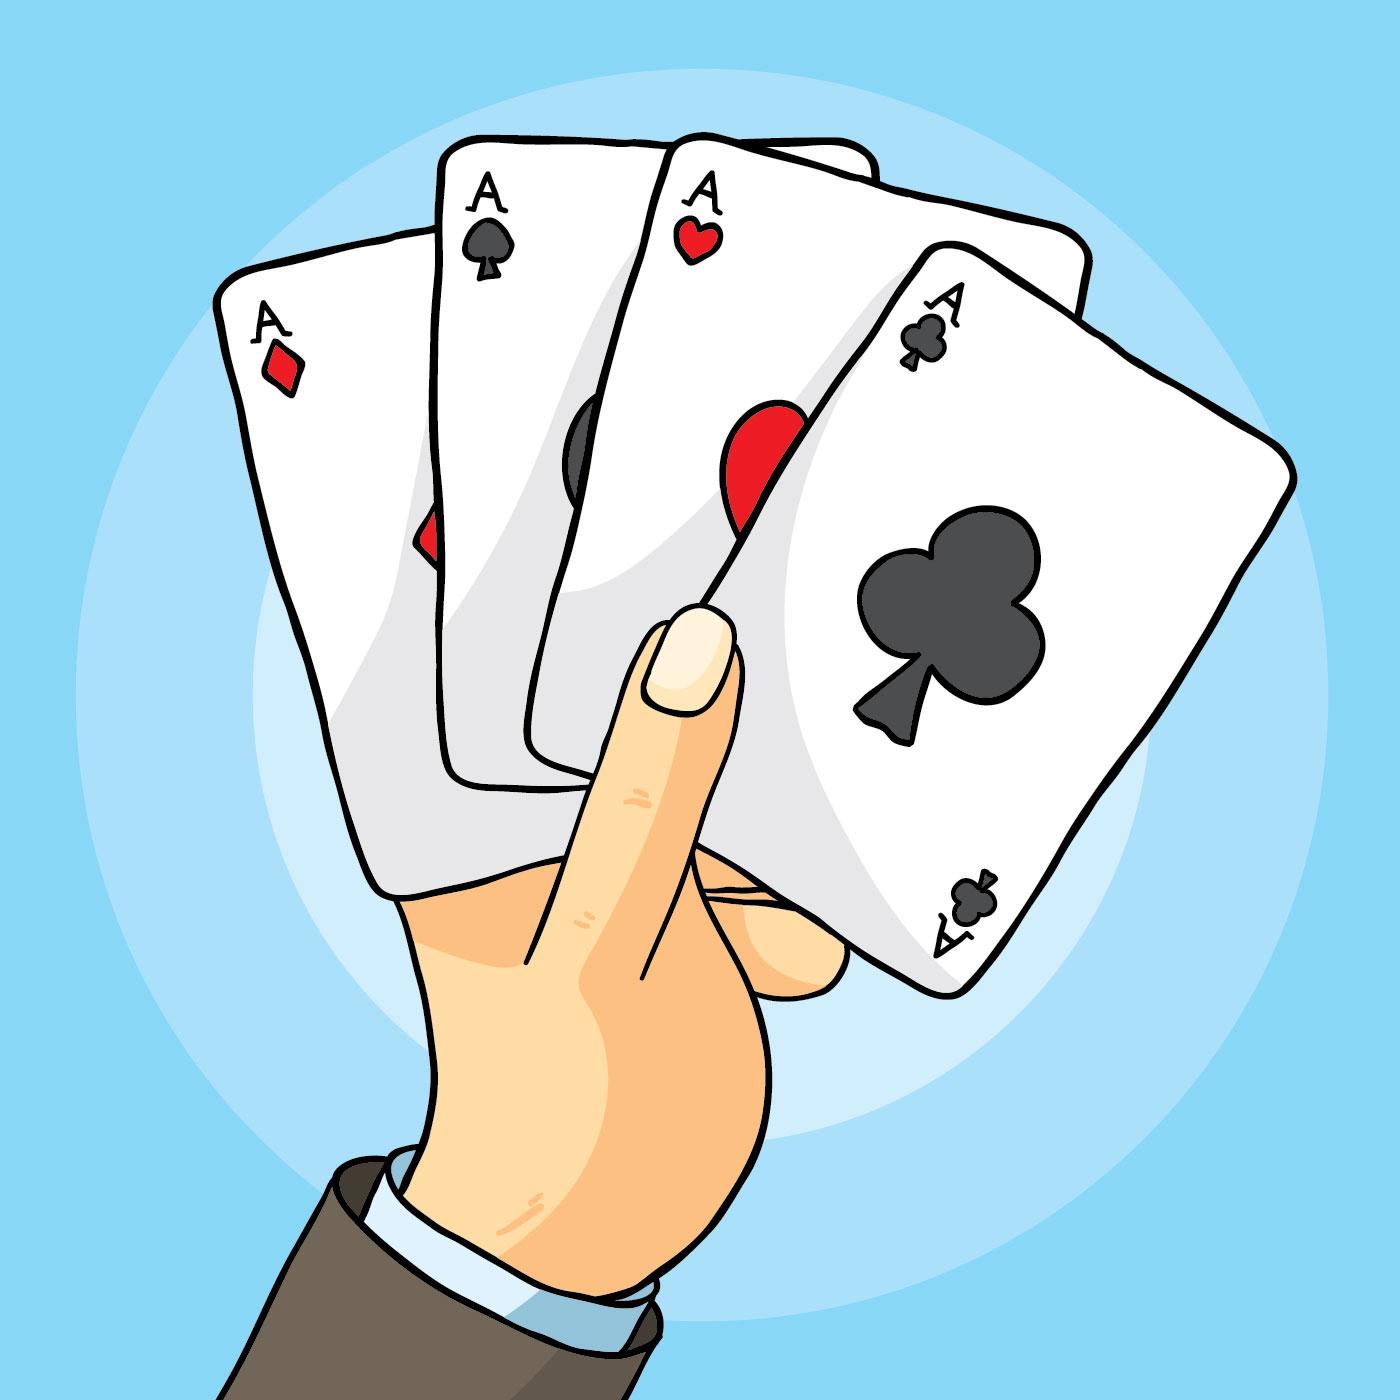 Free Kartenspiele